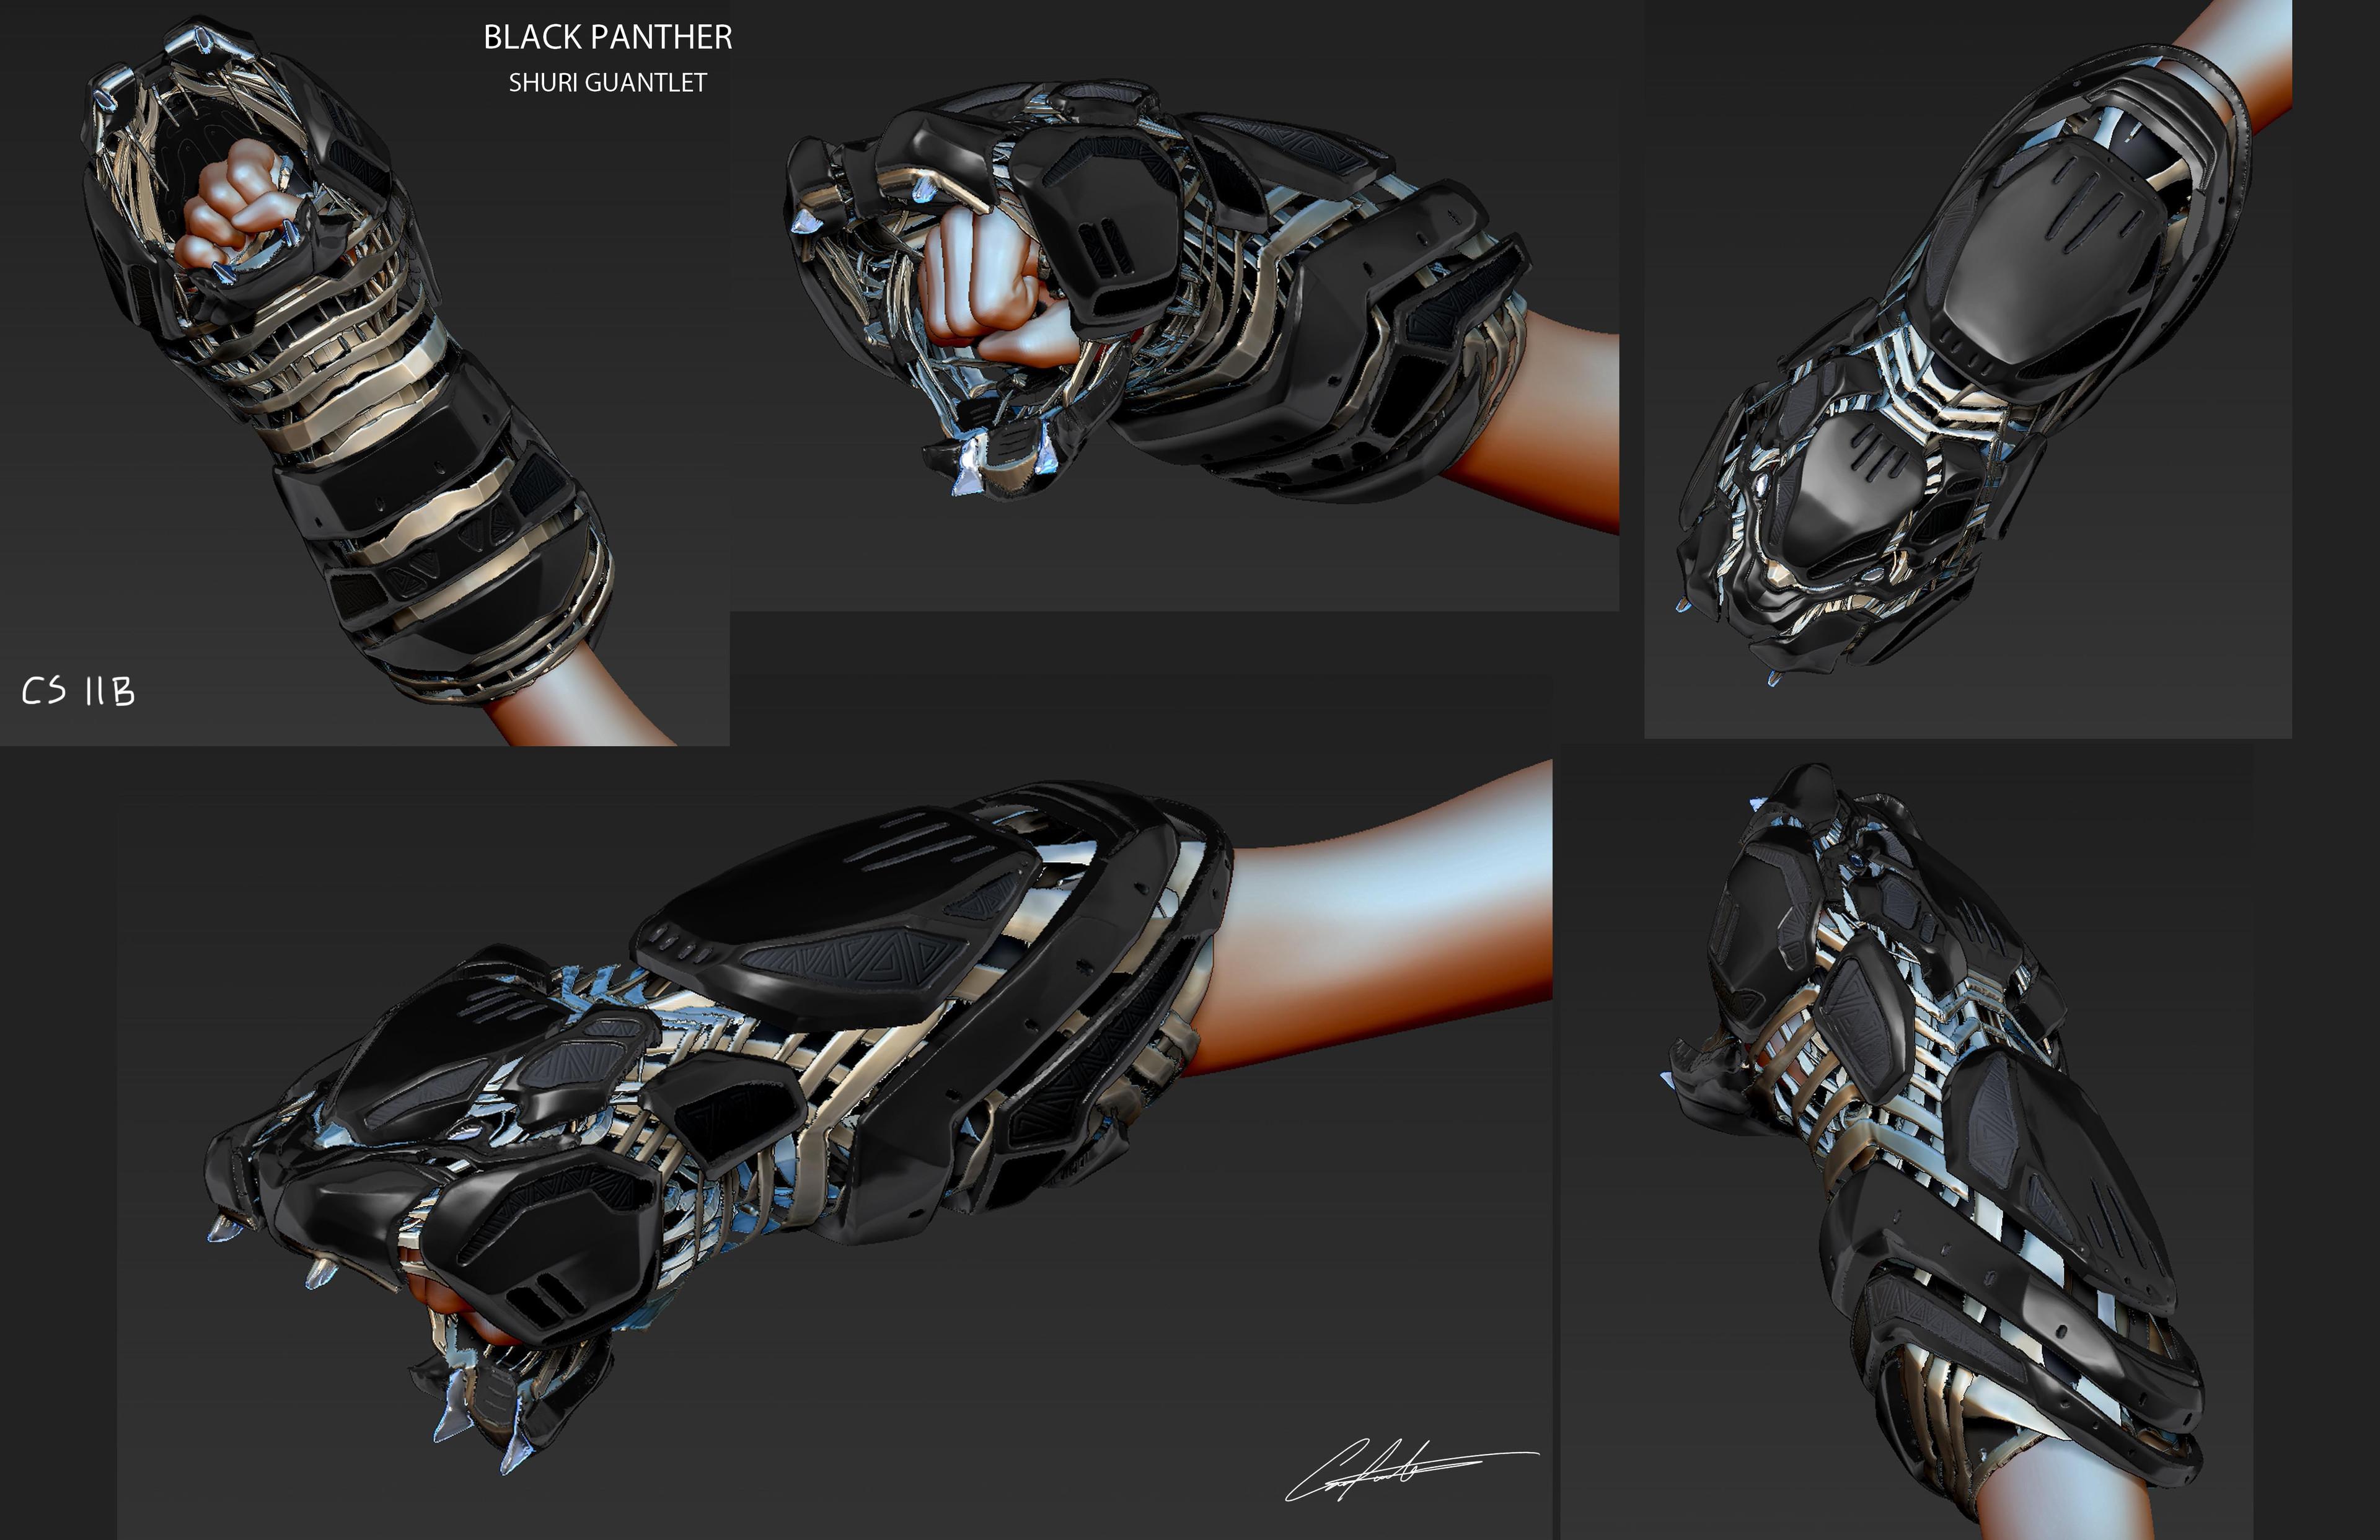 Black Panther Shuri Guantlet Designs